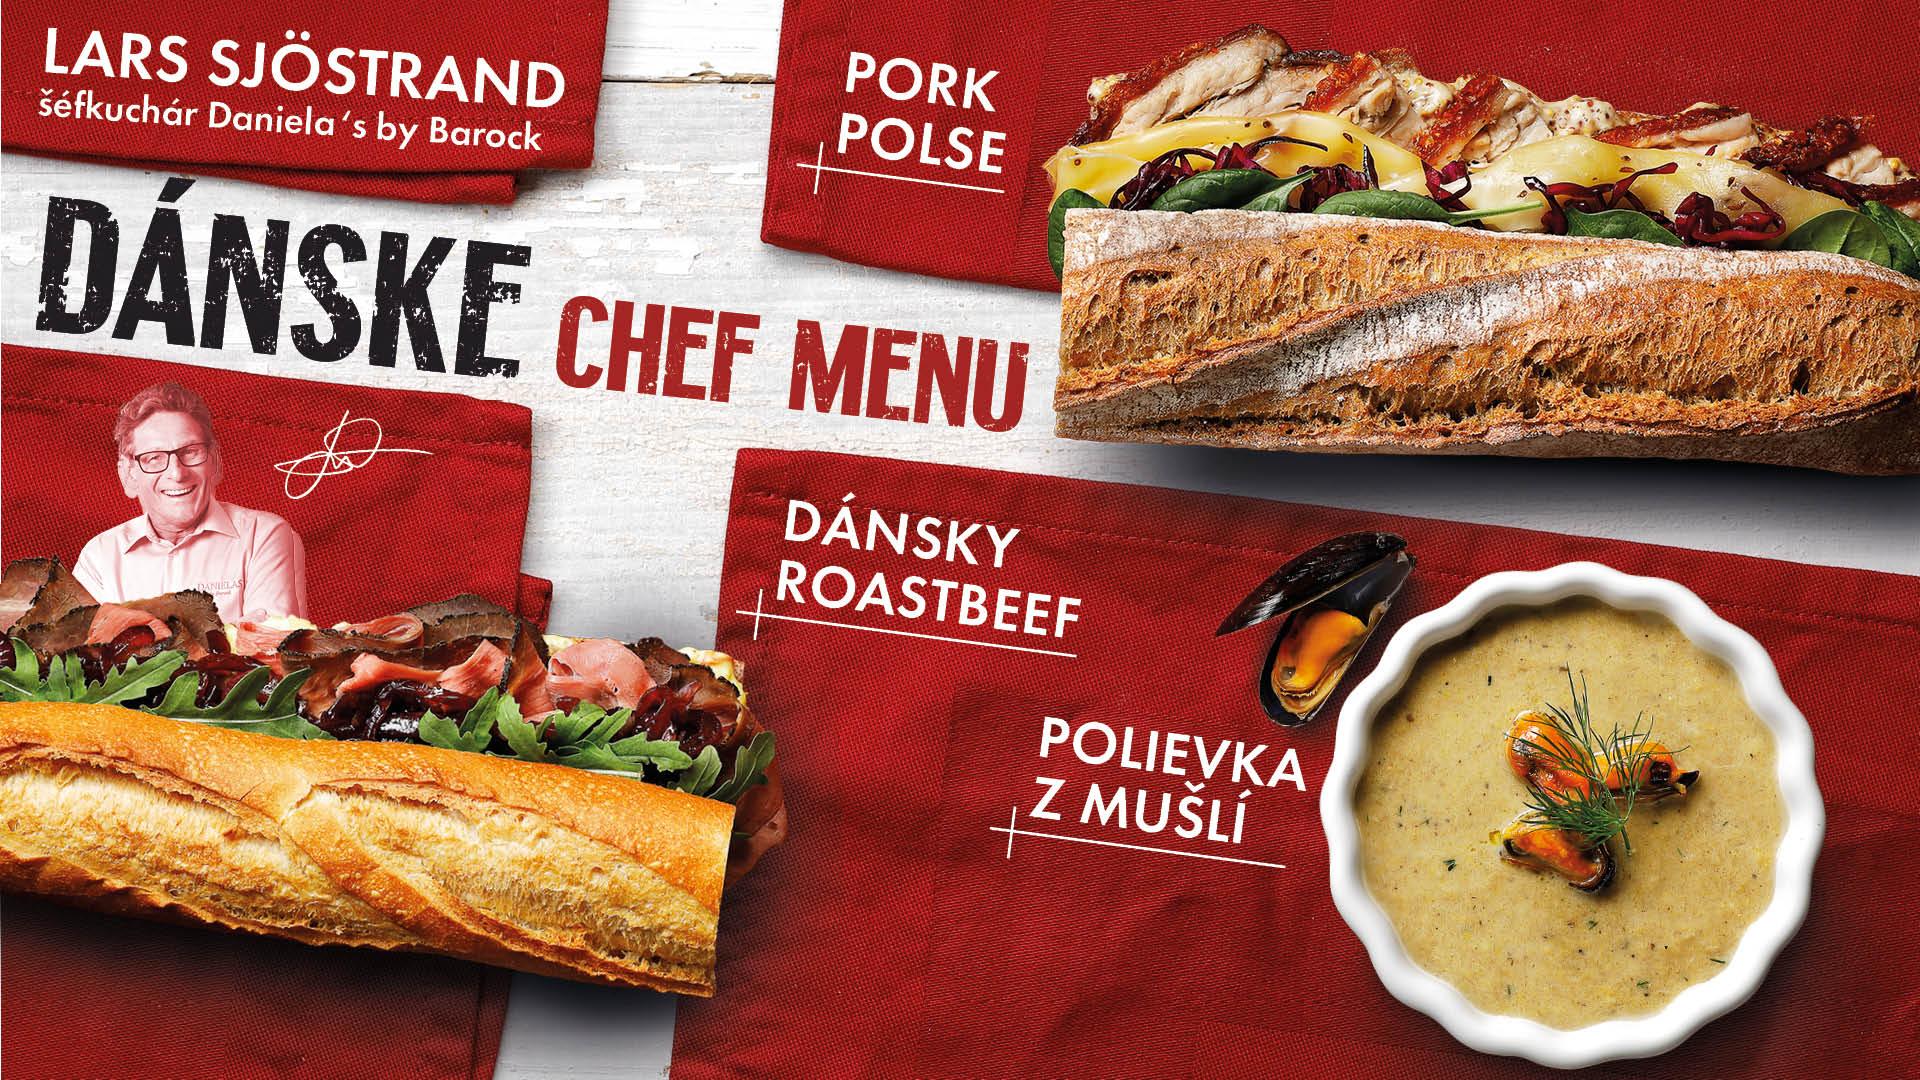 Danske Chef menu